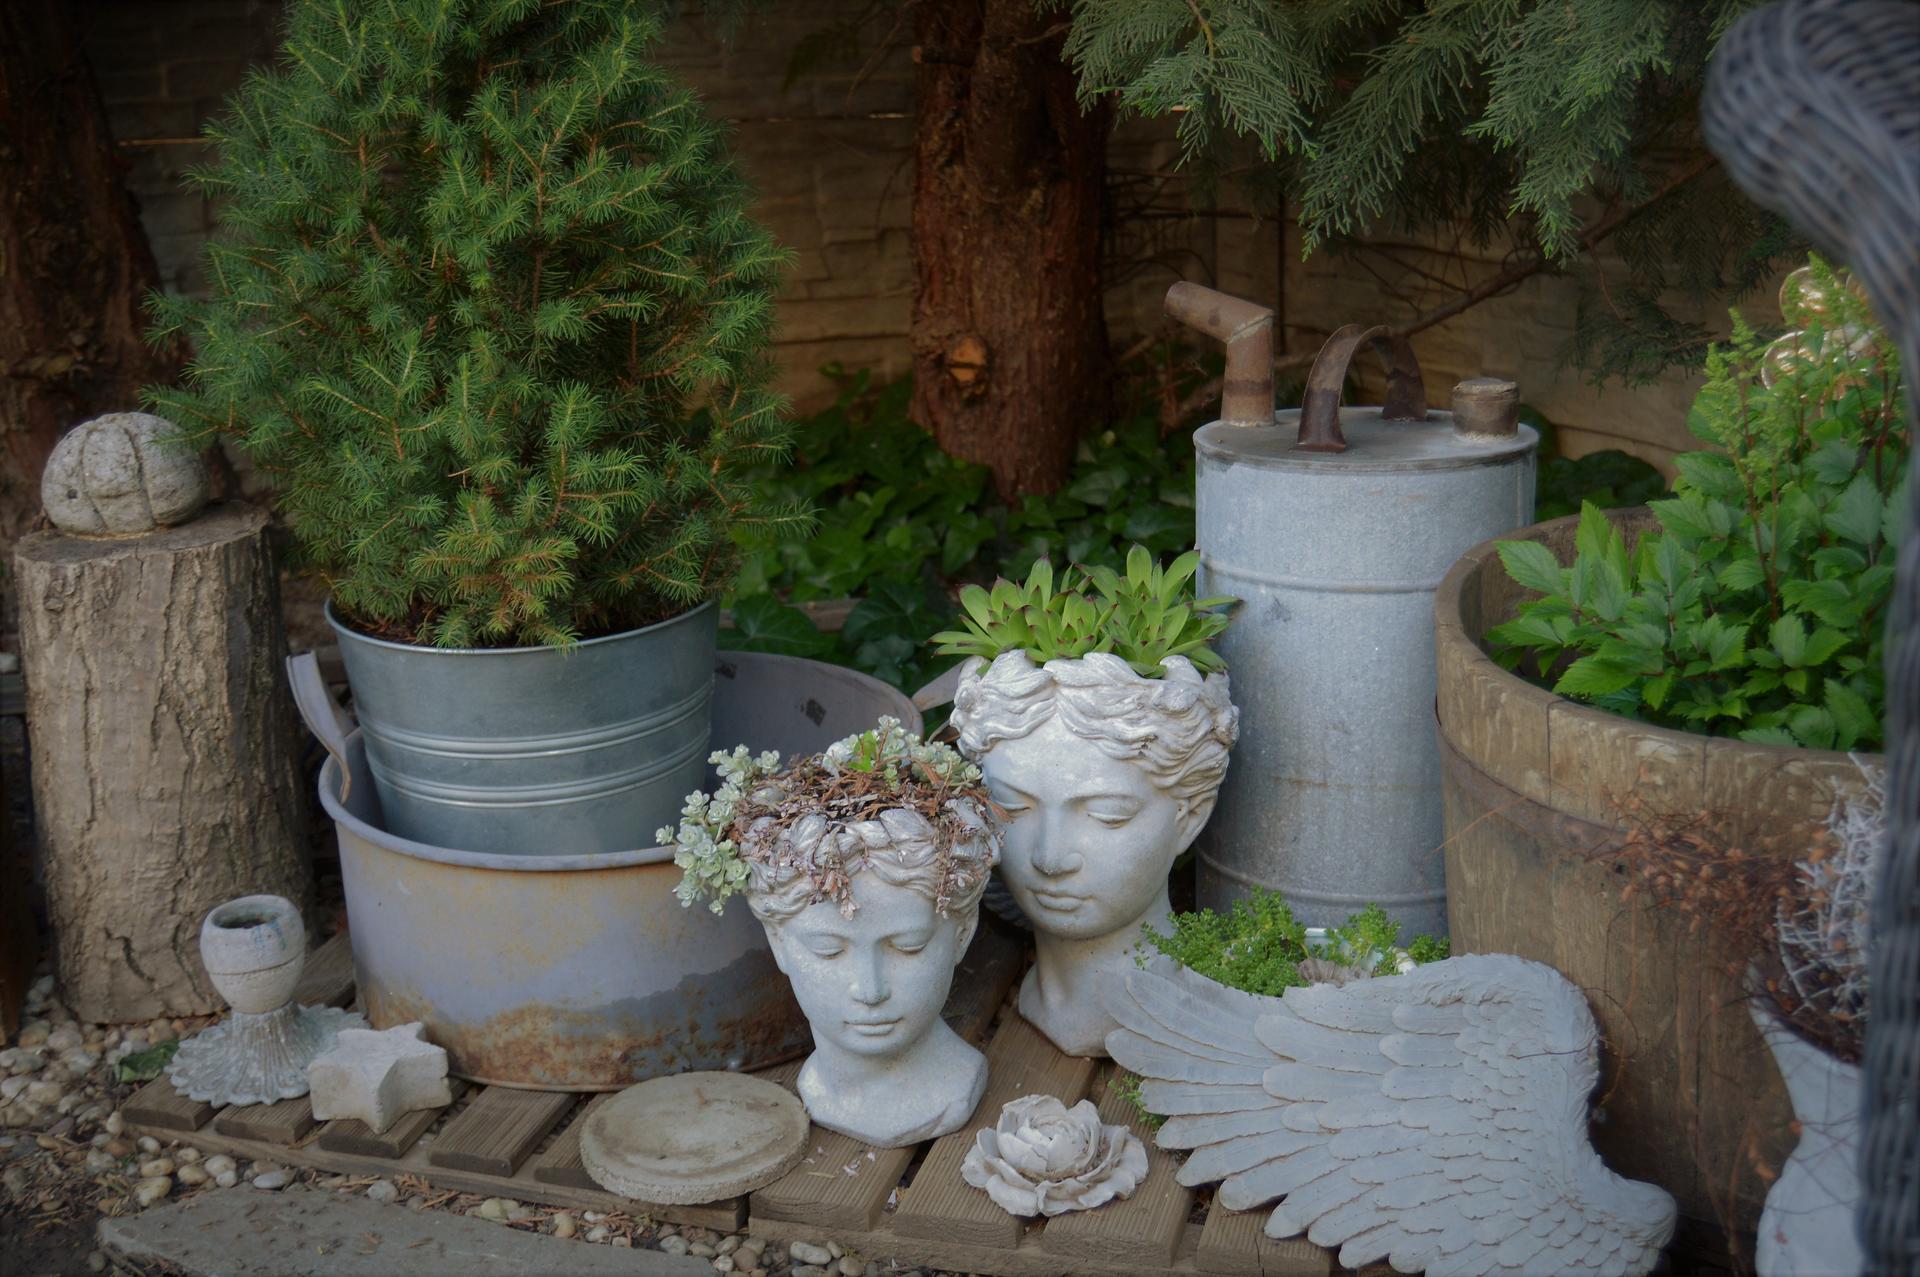 Záhrada a terasa 2021 - Obrázok č. 29